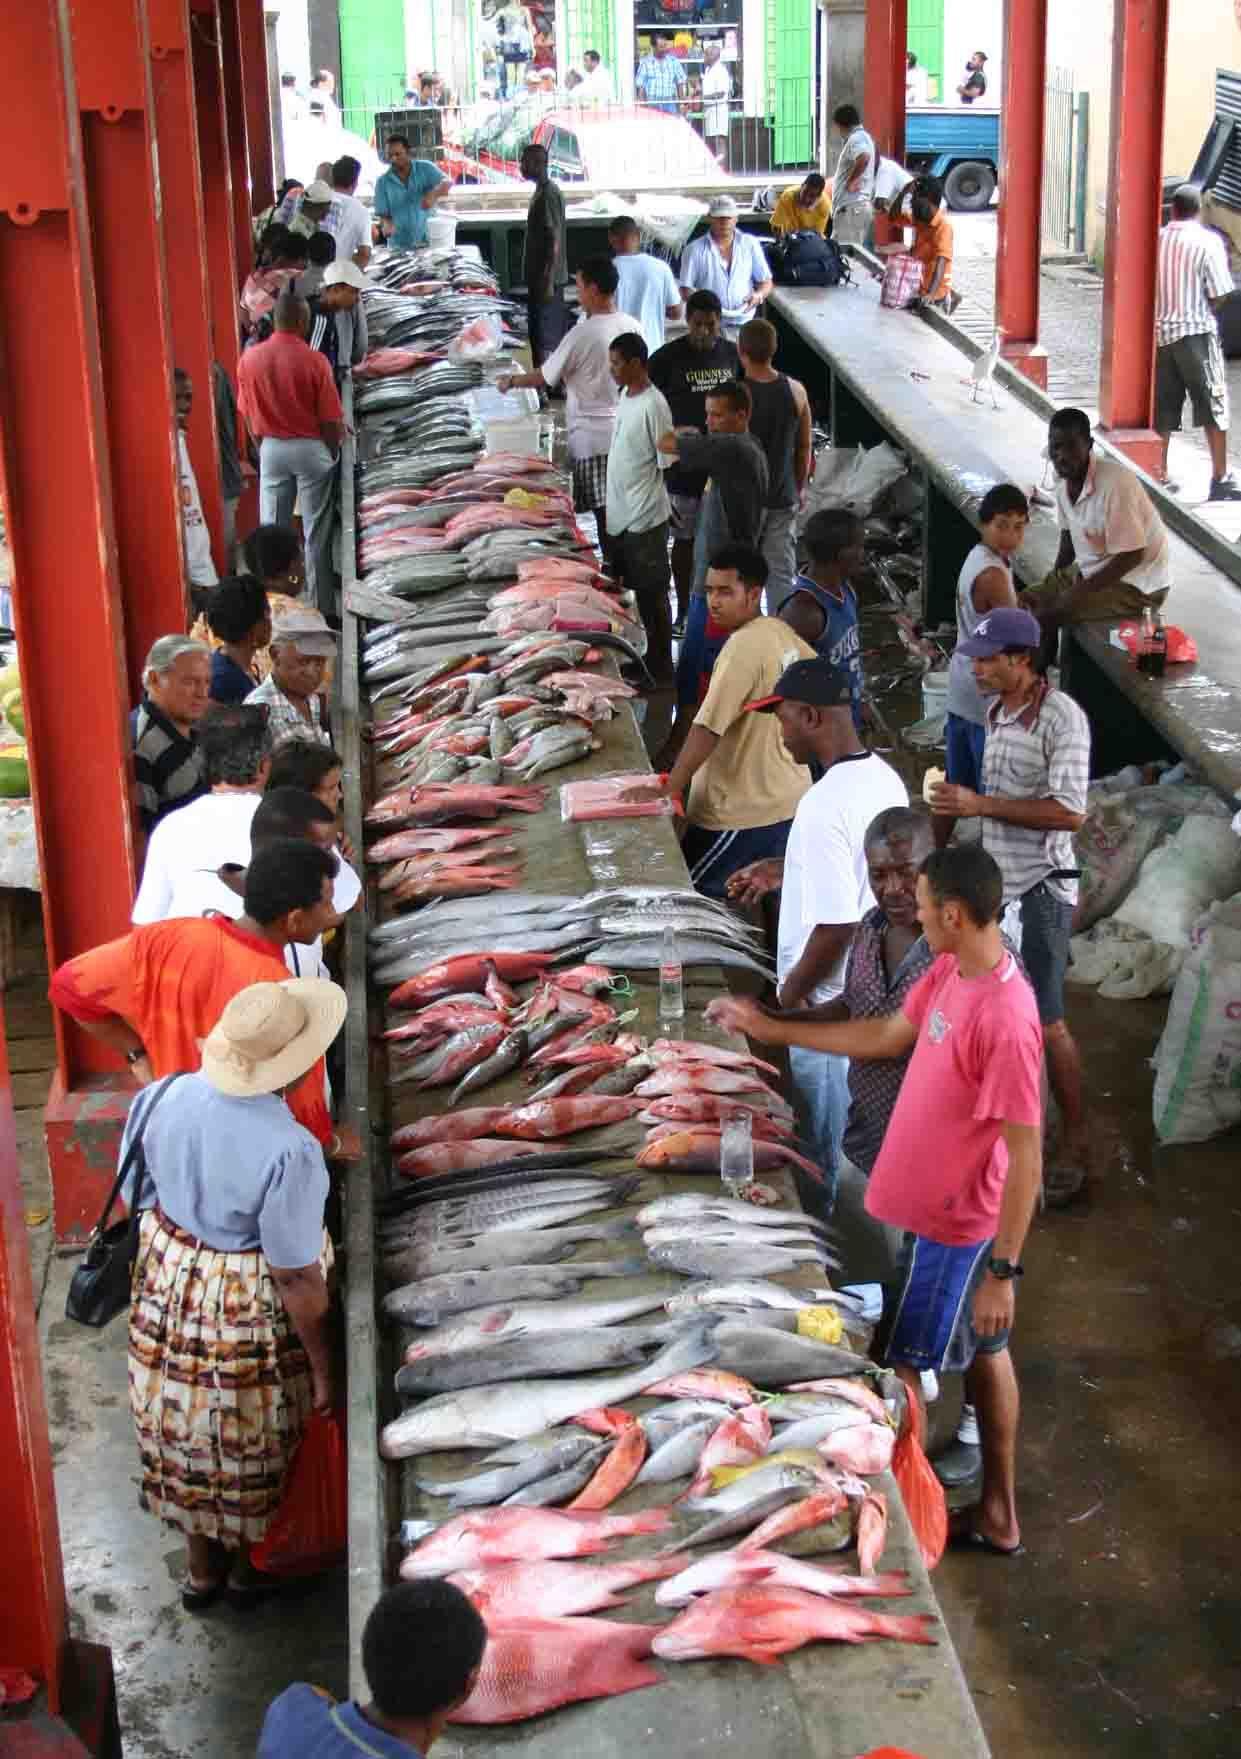 Market Victoria Seychelles Seychelles Seychelles Islands Seychelles Beach